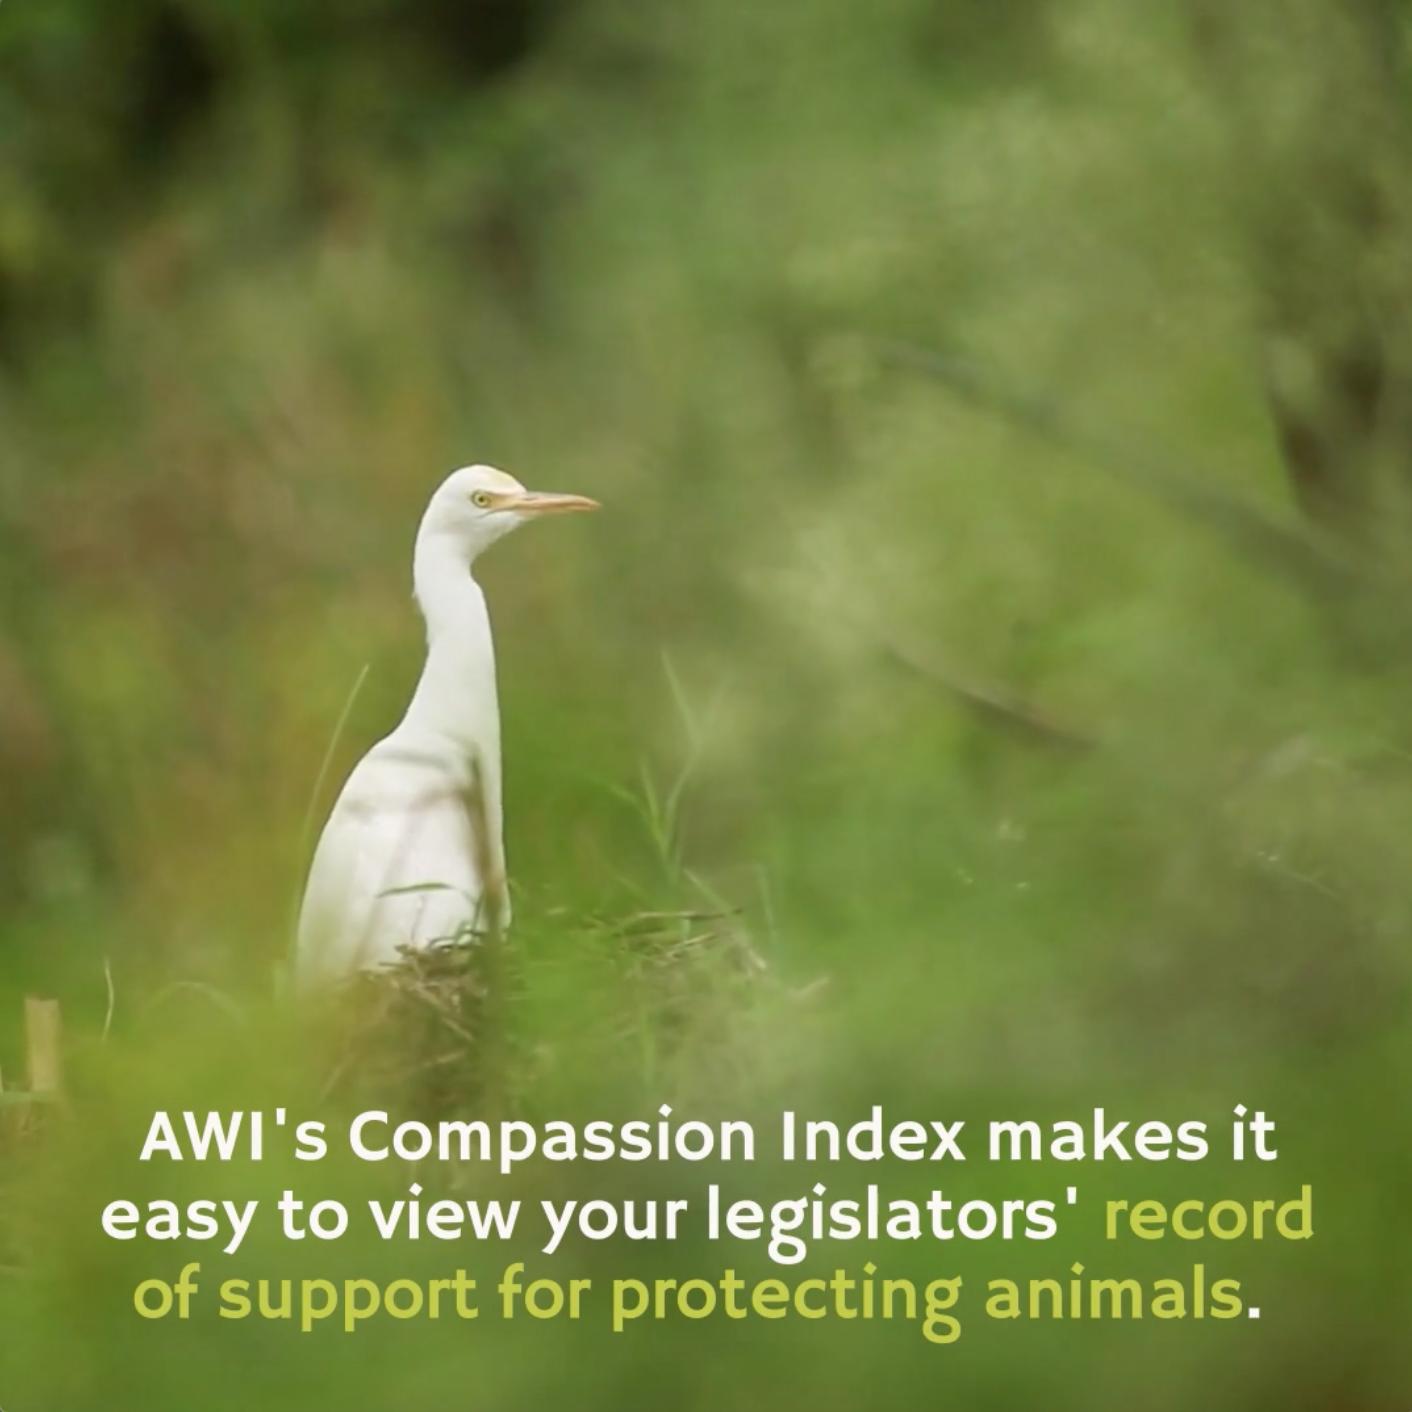 Compassion Index